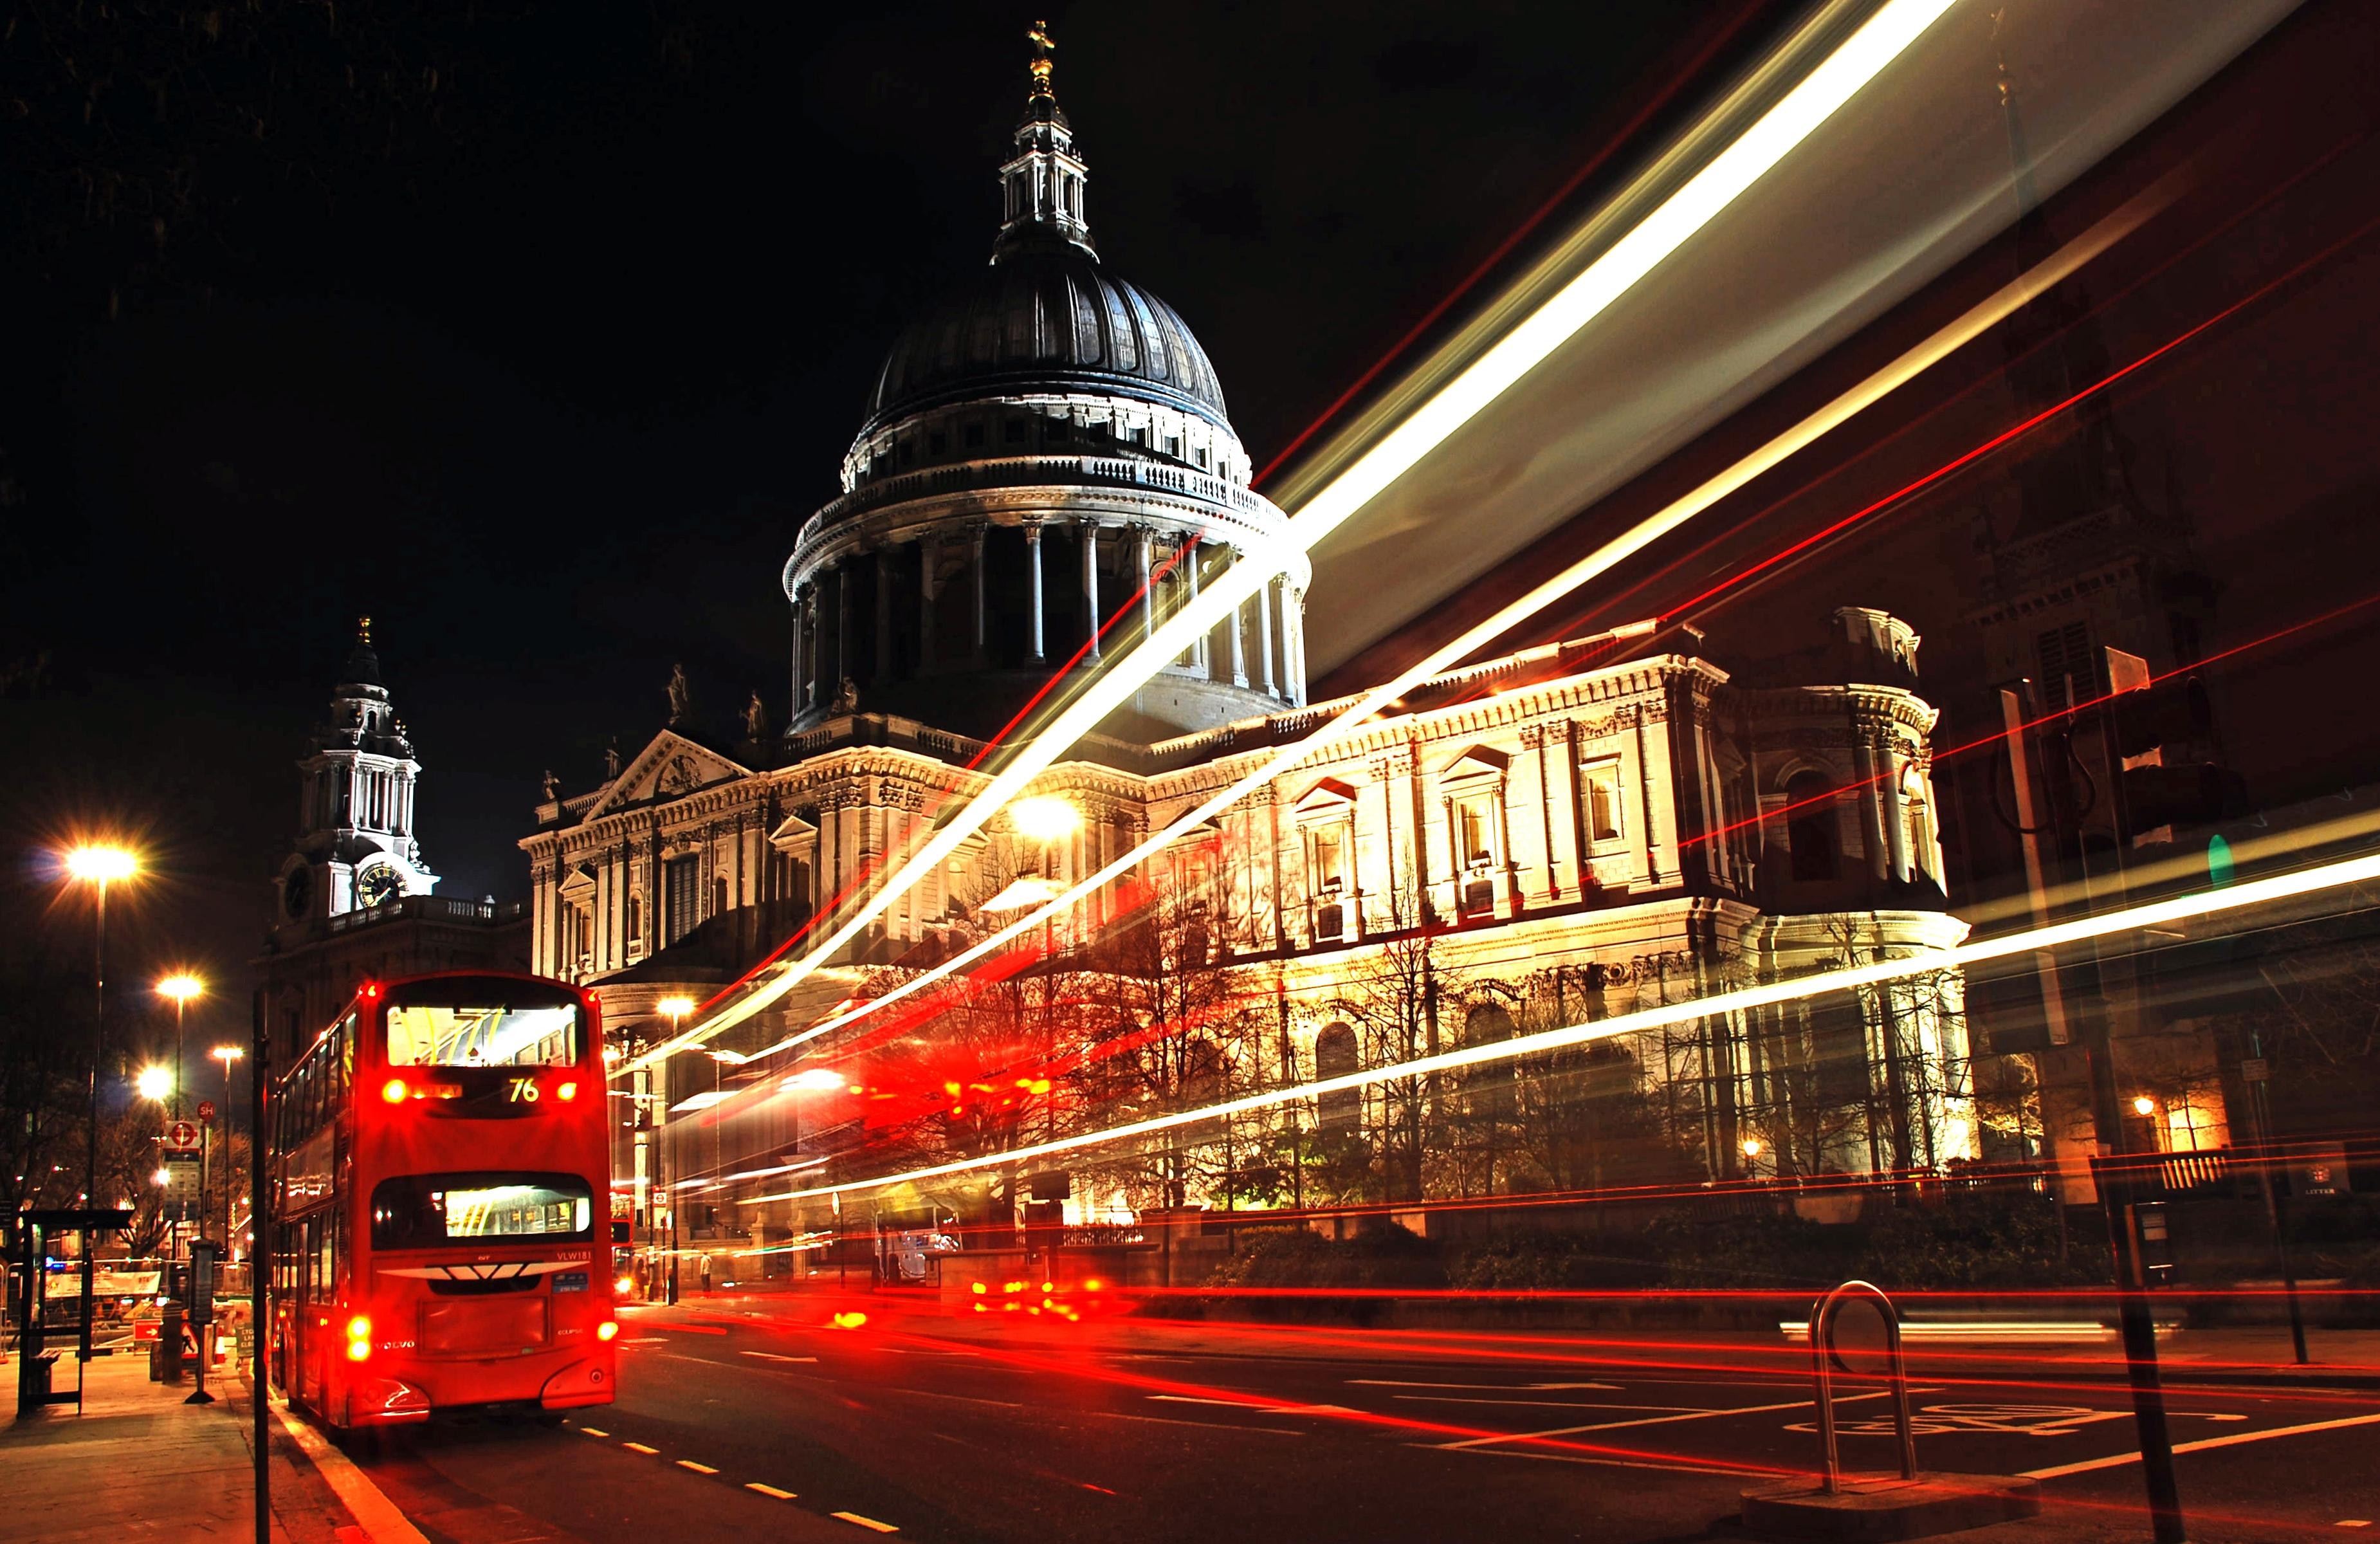 108707 Hintergrundbild herunterladen Städte, Übernachtung, London, Stadt, Bus - Bildschirmschoner und Bilder kostenlos